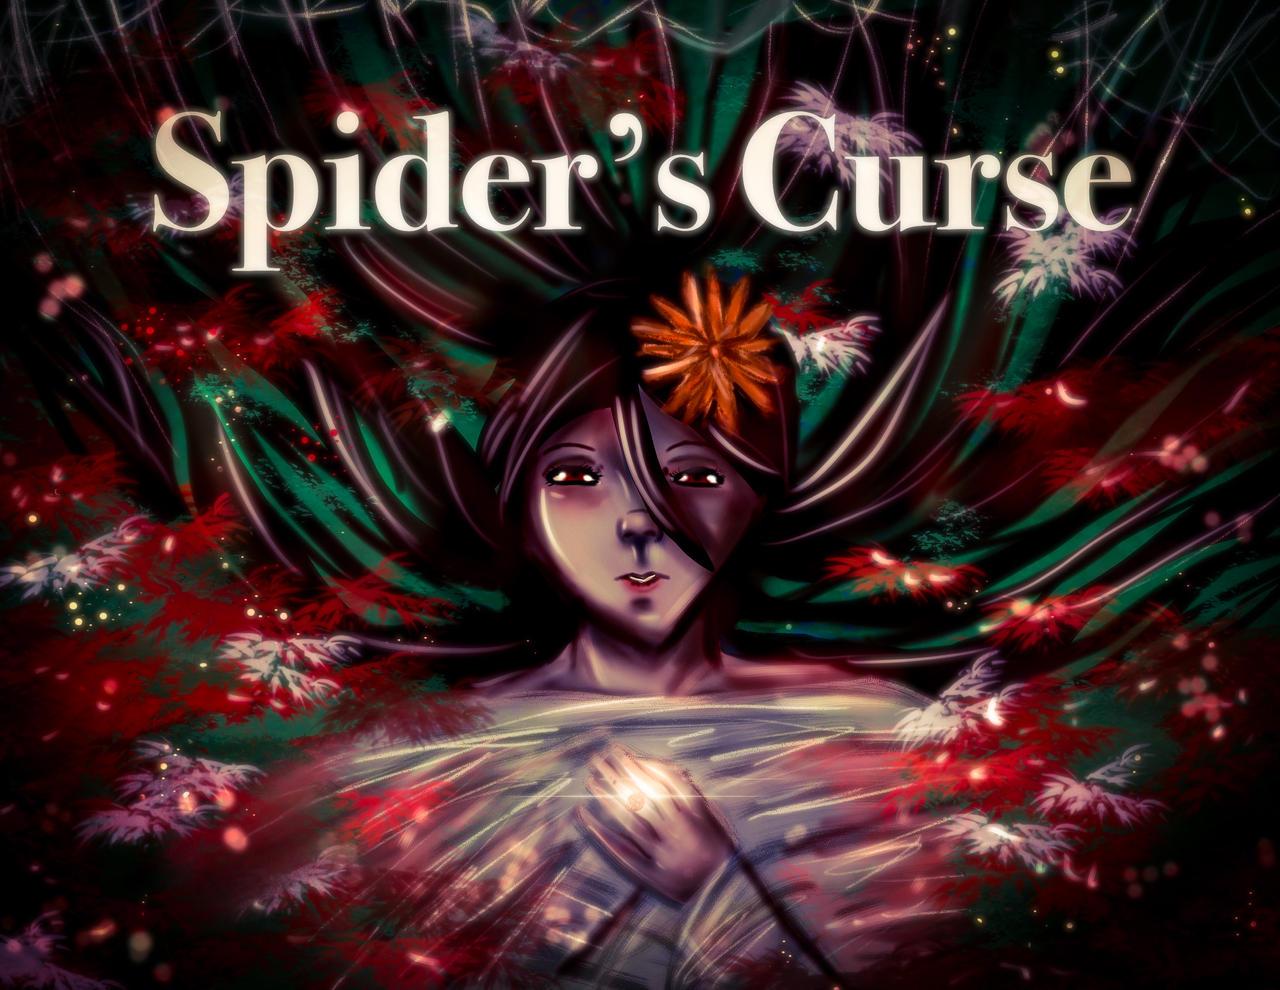 Spiders Curse-My New Webcomic on Webtoon